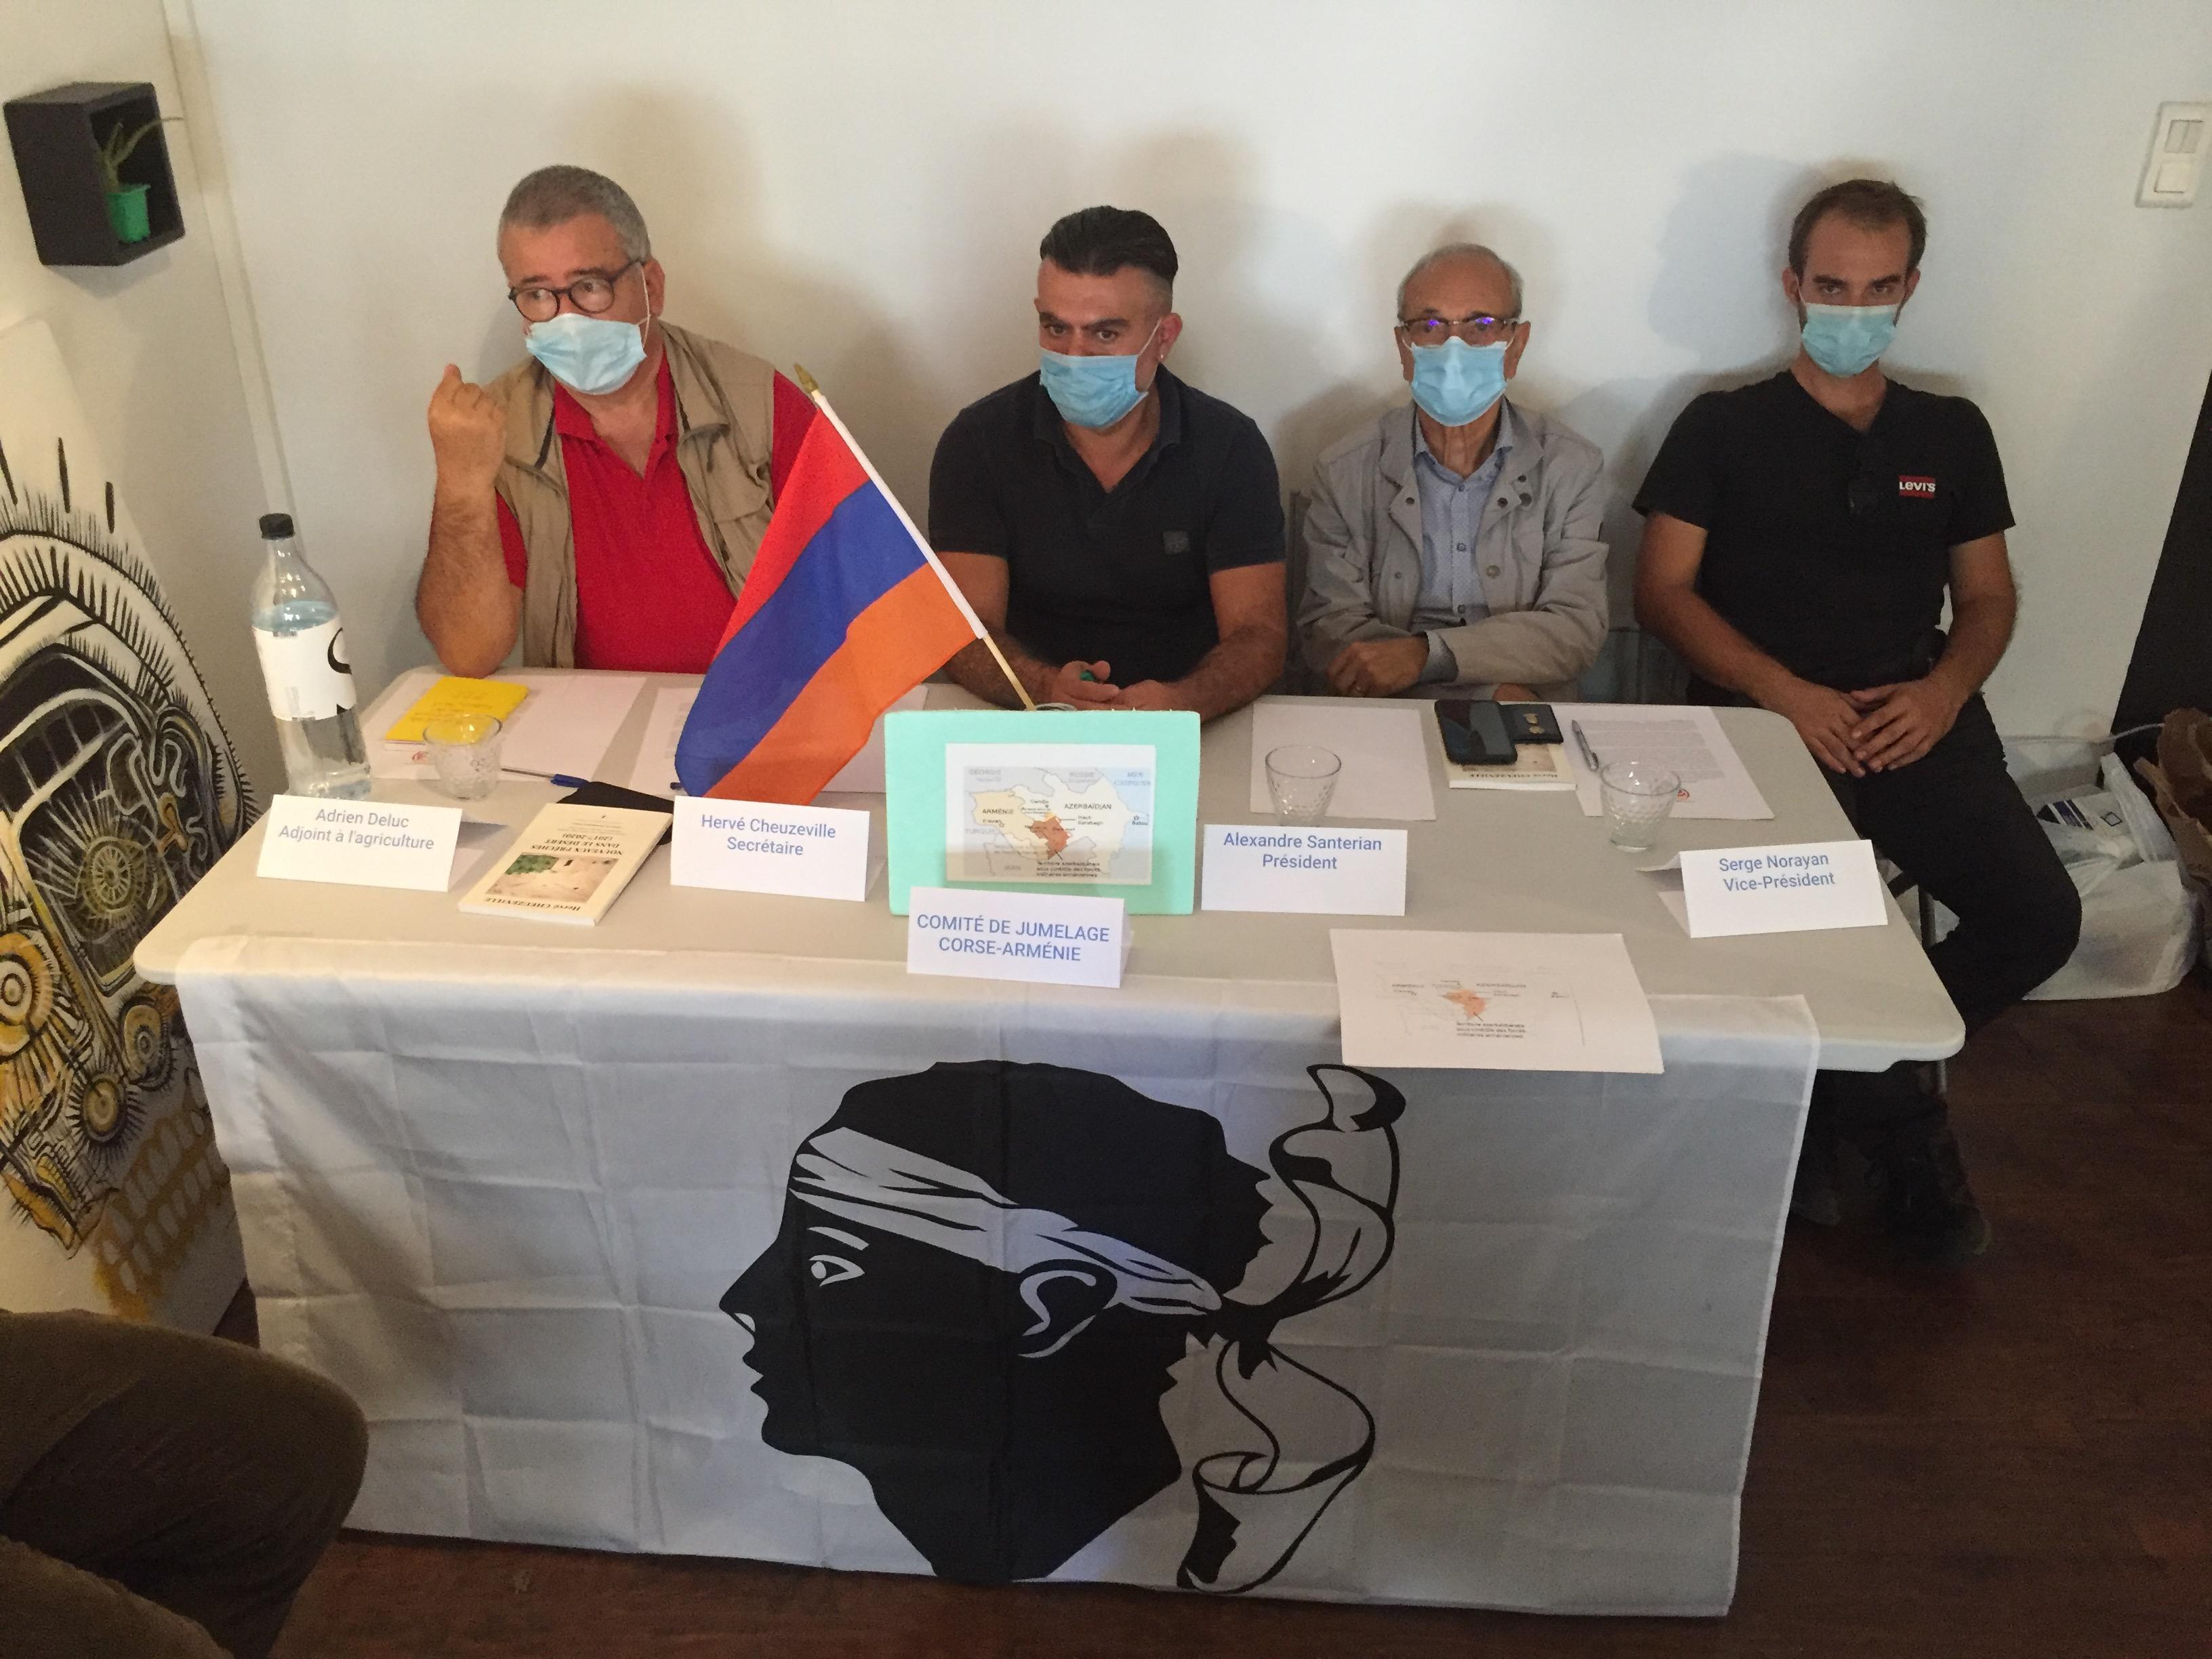 Un Comité de jumelage Corse Arménie vient de se créer pour venir en aide aux victimes de la guerre.